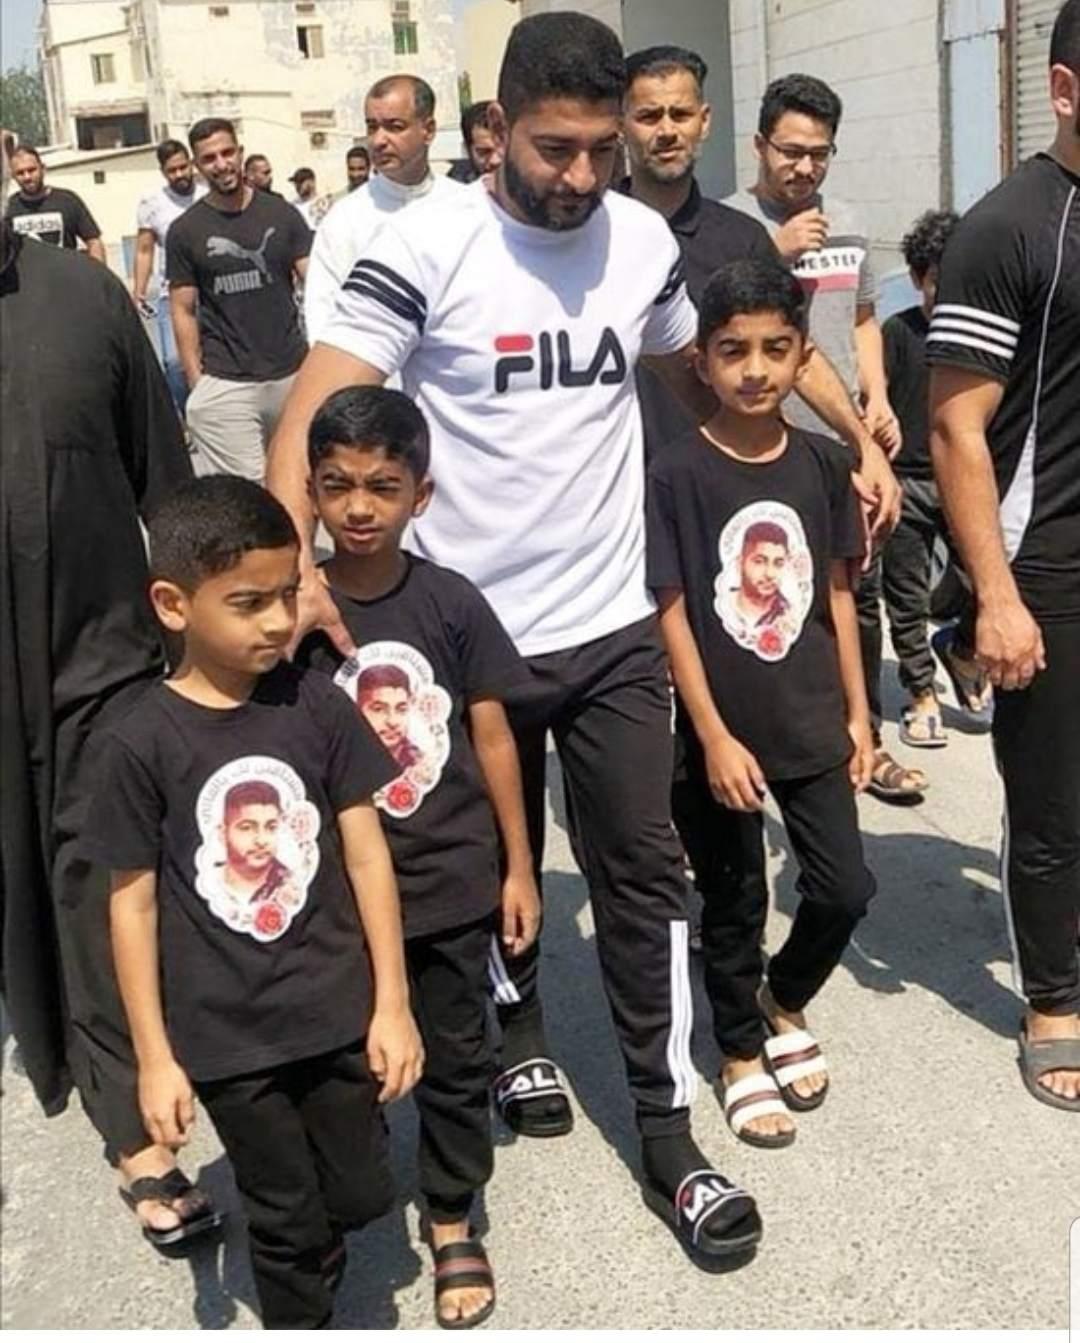 بعد 7 سنوات سجن على خلفيّة سياسيّة الشاب البطل «علي الشيخ» يعانق الحريّة